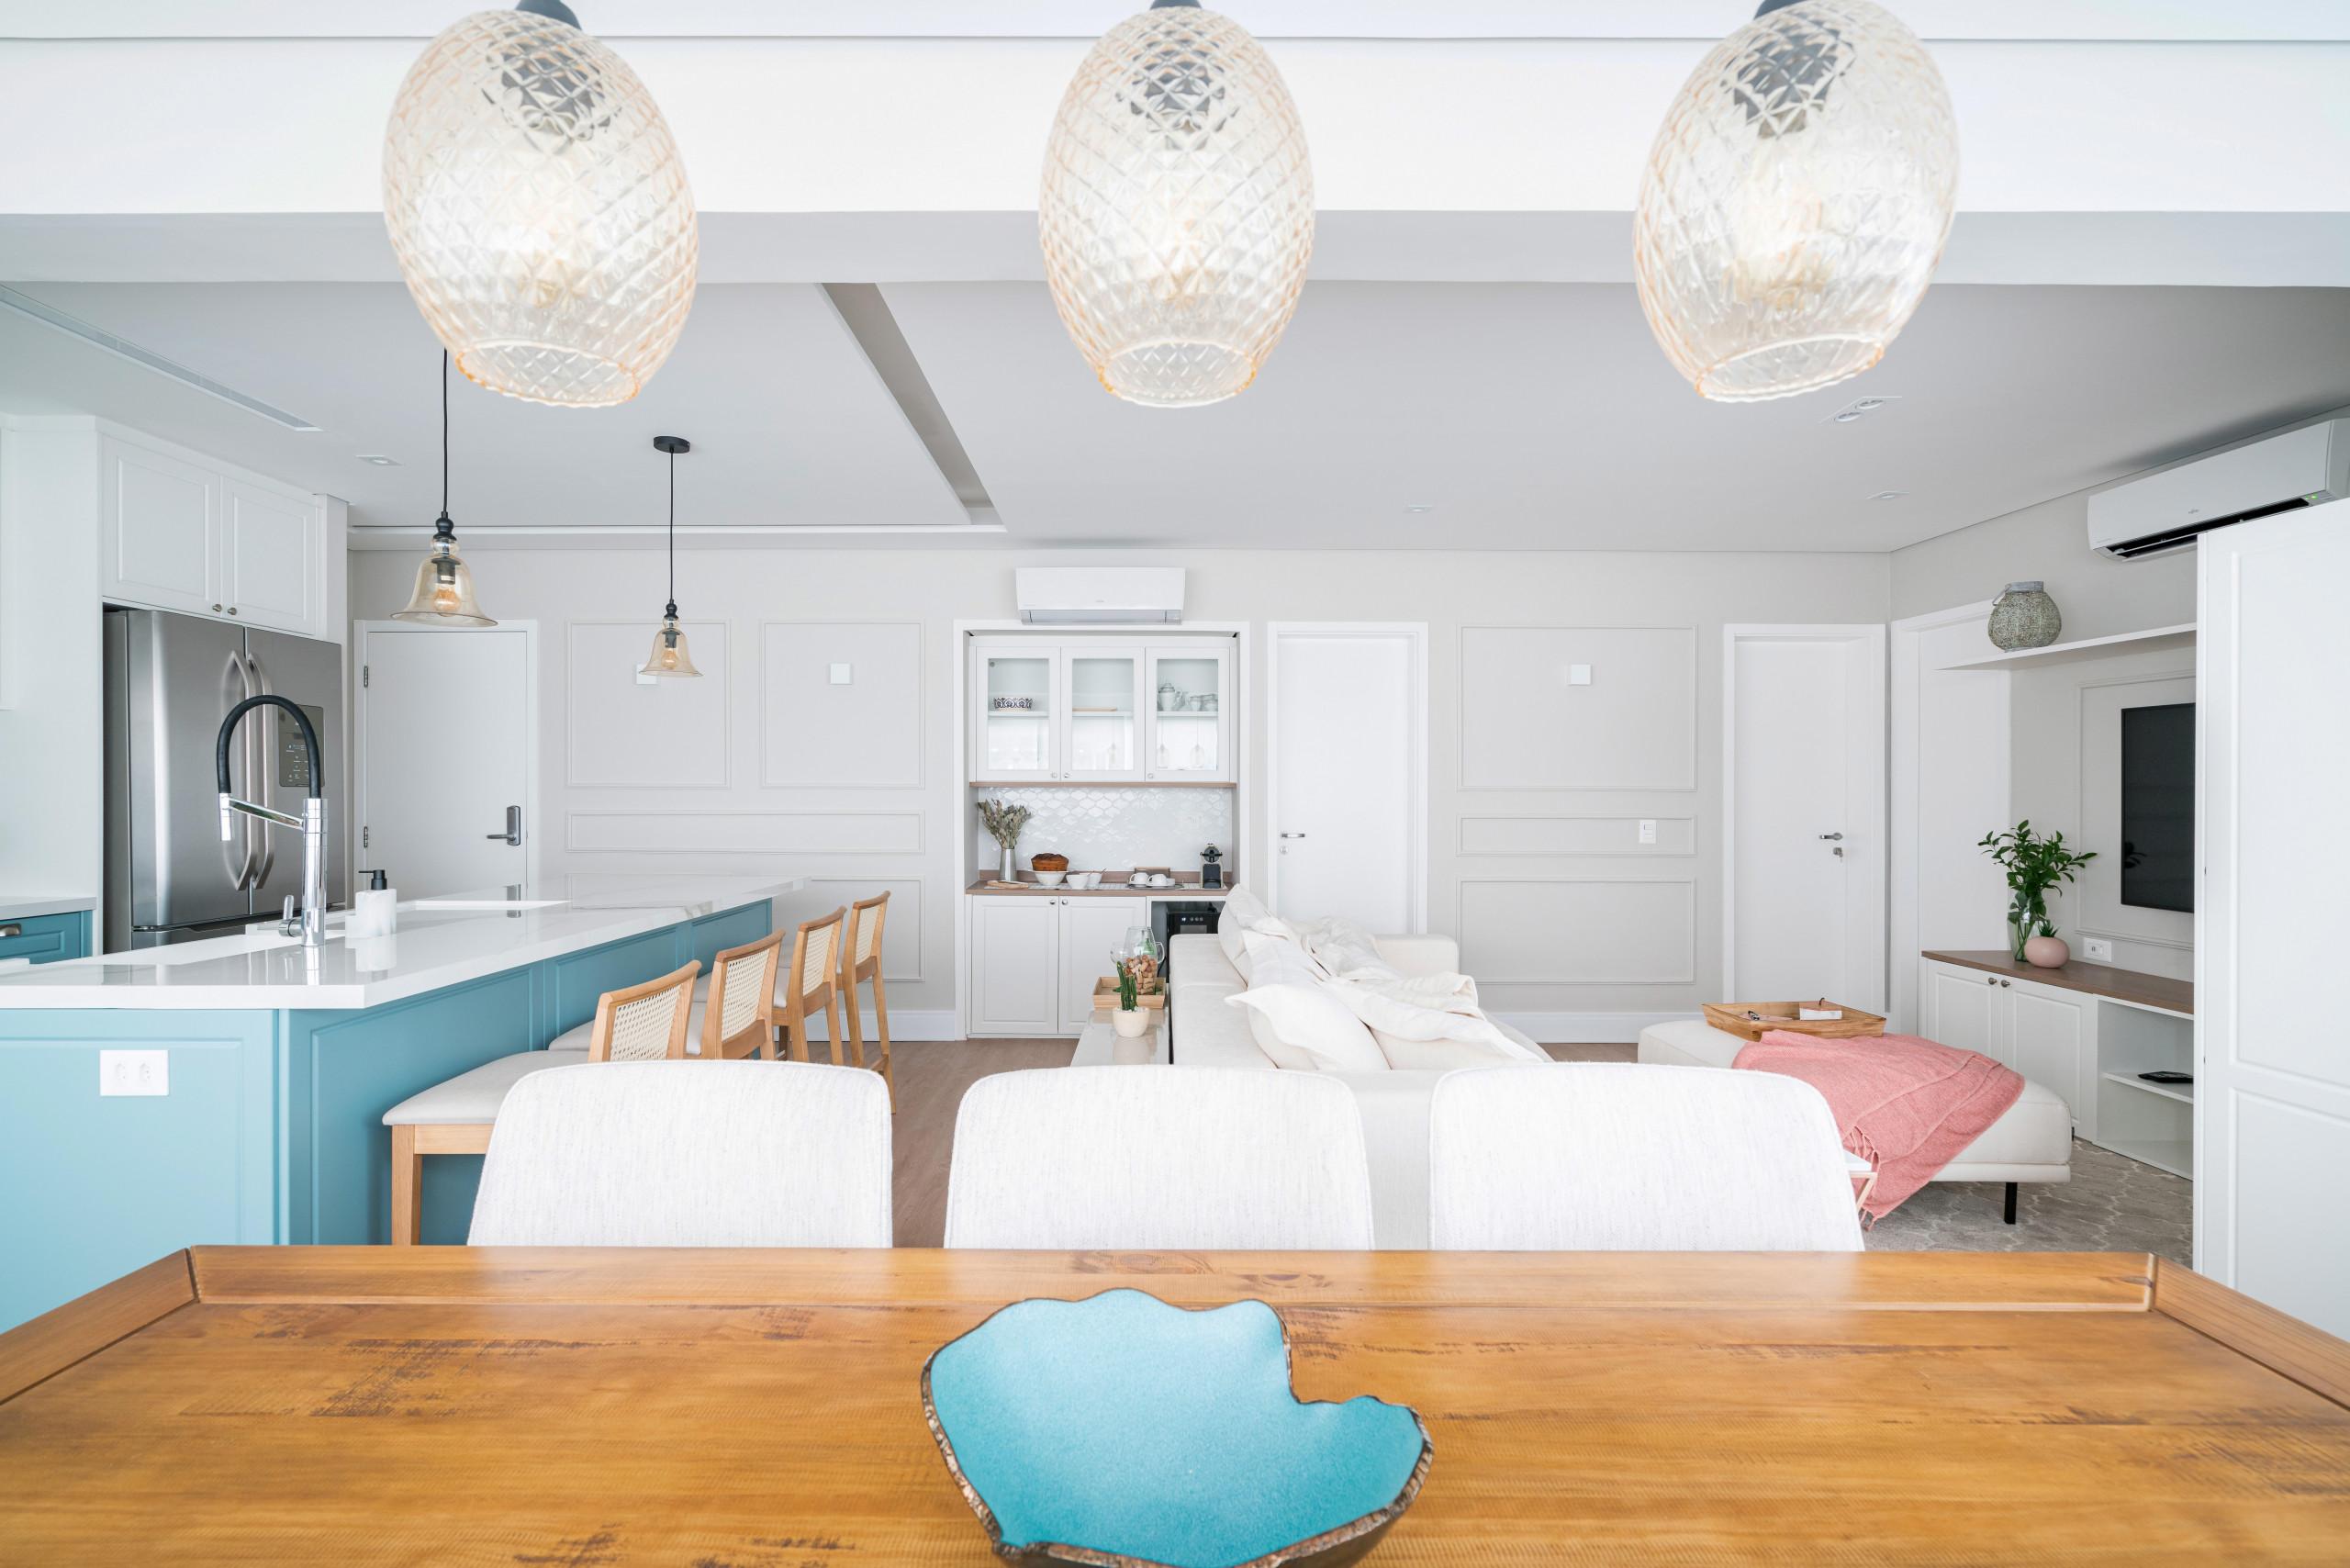 mesa-apoio-panela-pedra-madeira-estilo-escandinavo-luz-luminaria-pendente-branco-clean-minimalista